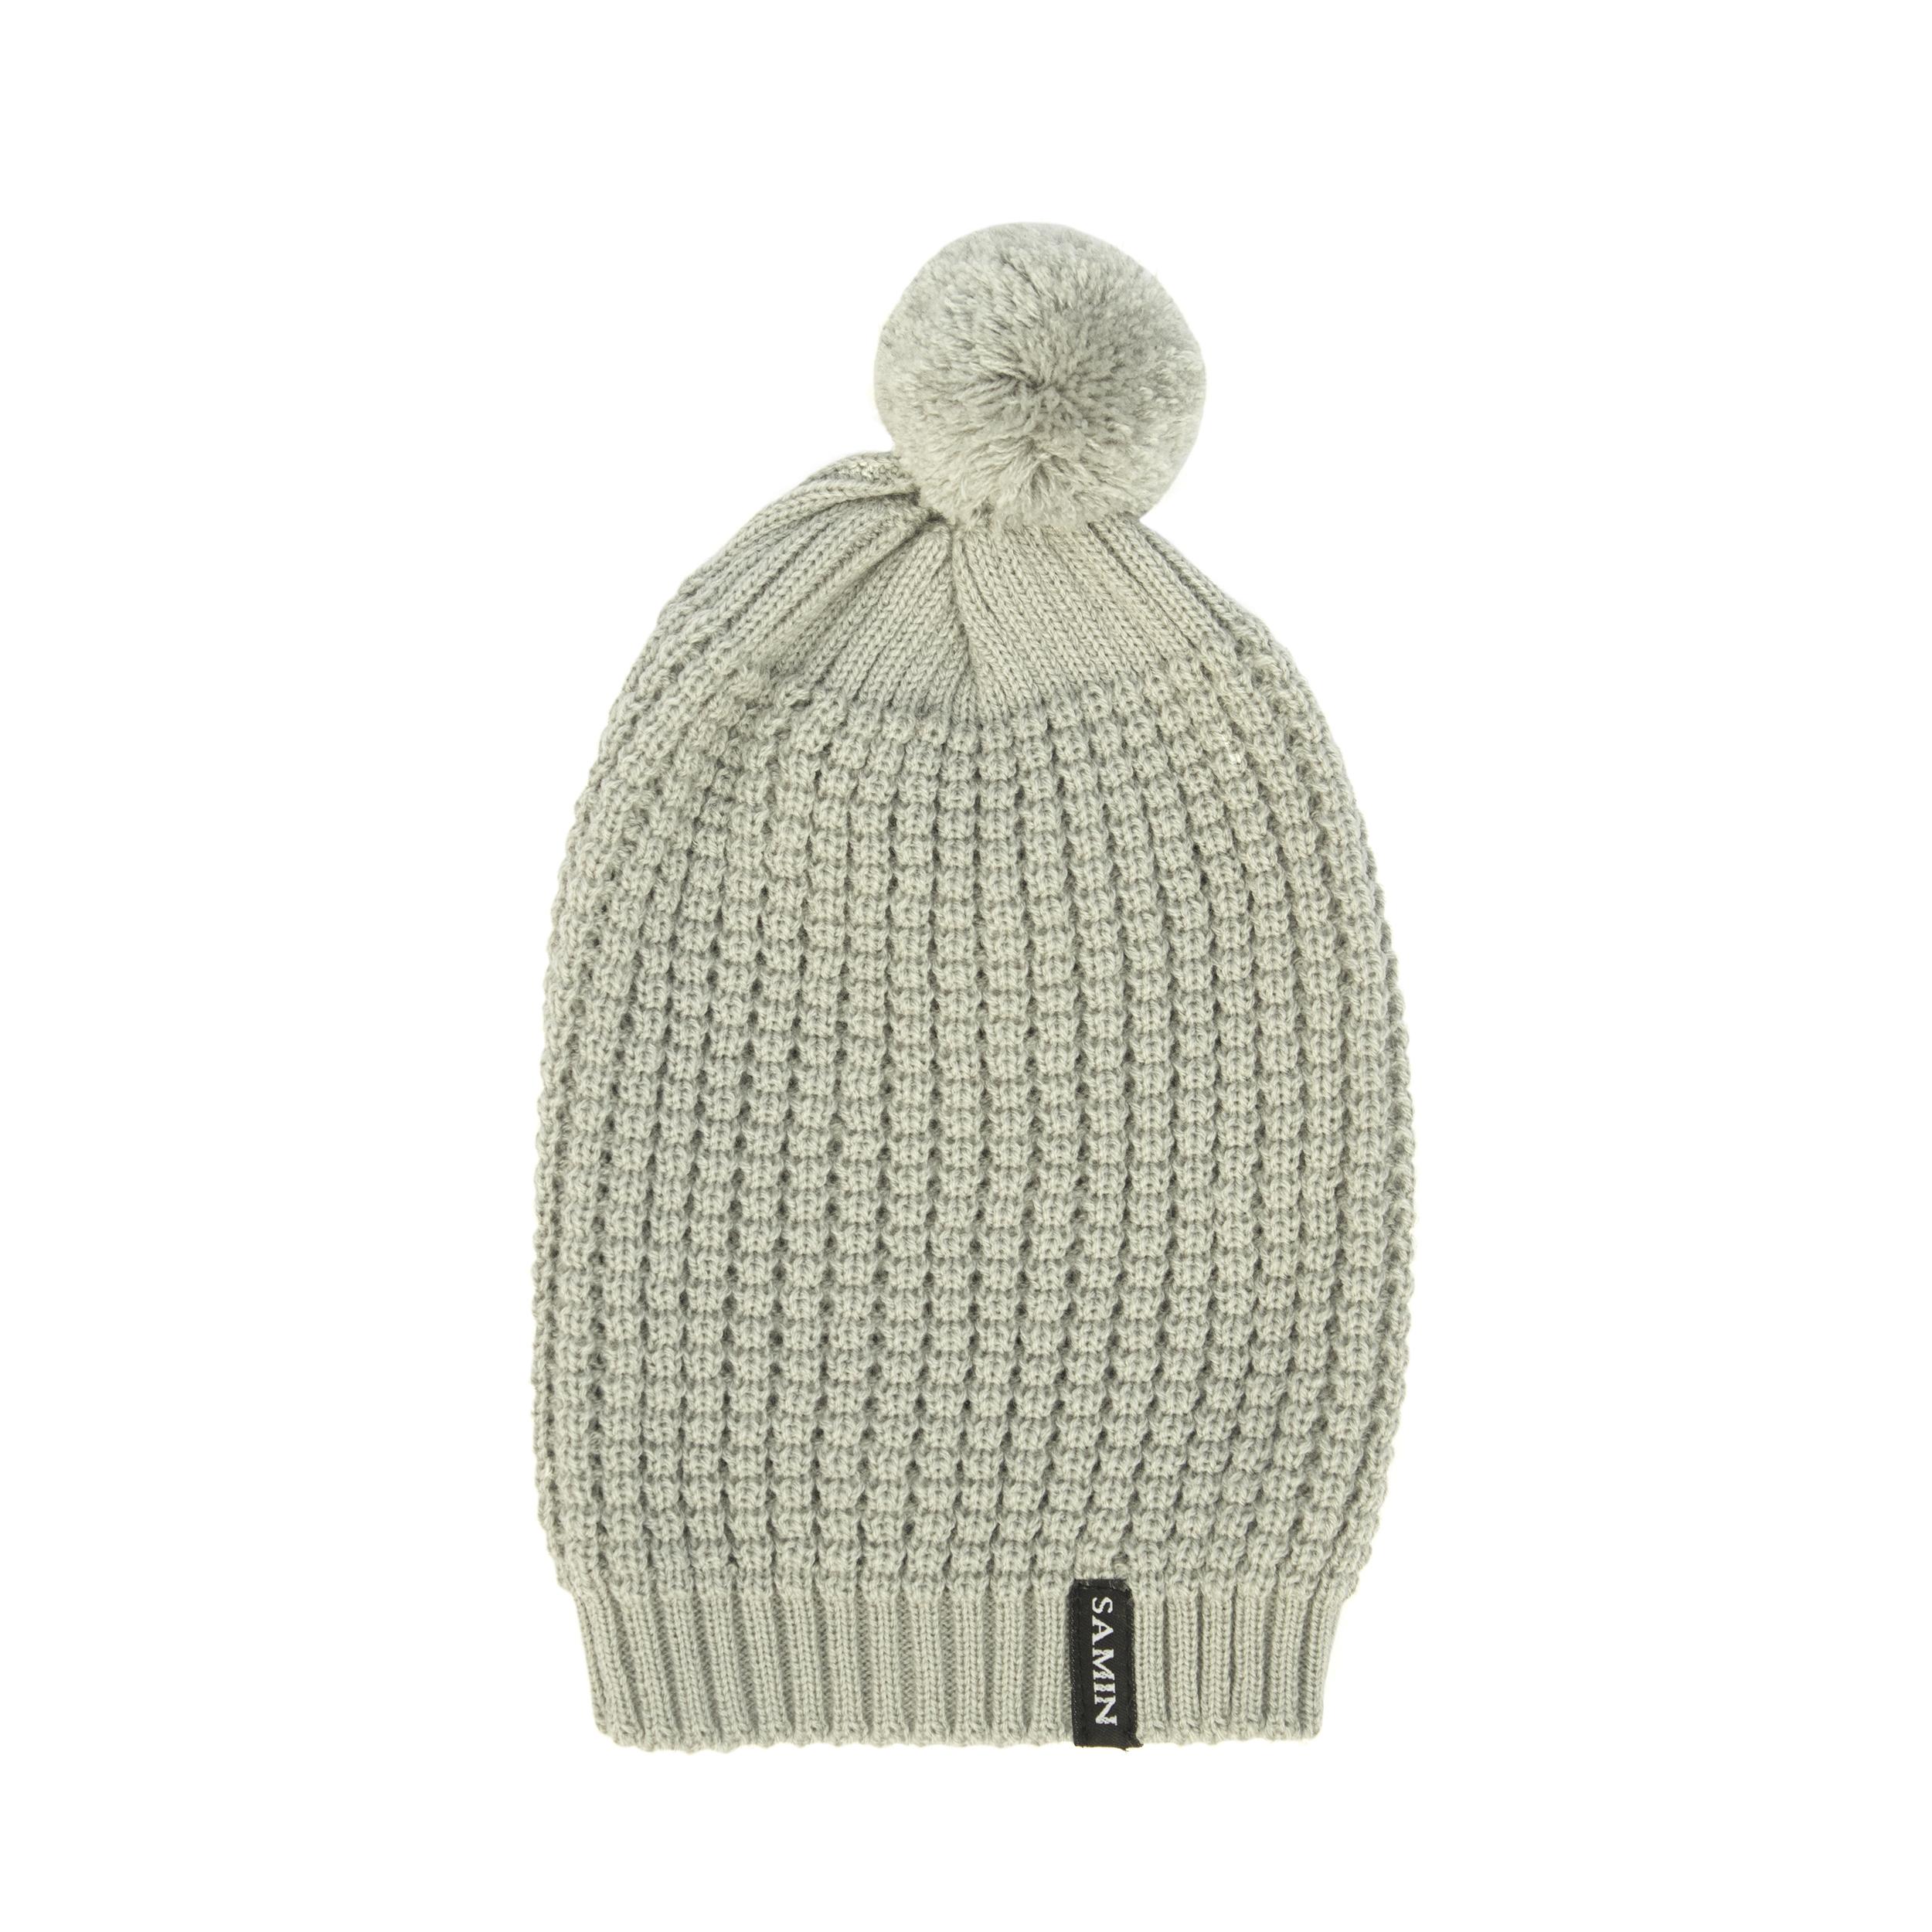 کلاه بافتنی ثمین مدل Athena رنگ خاکستری